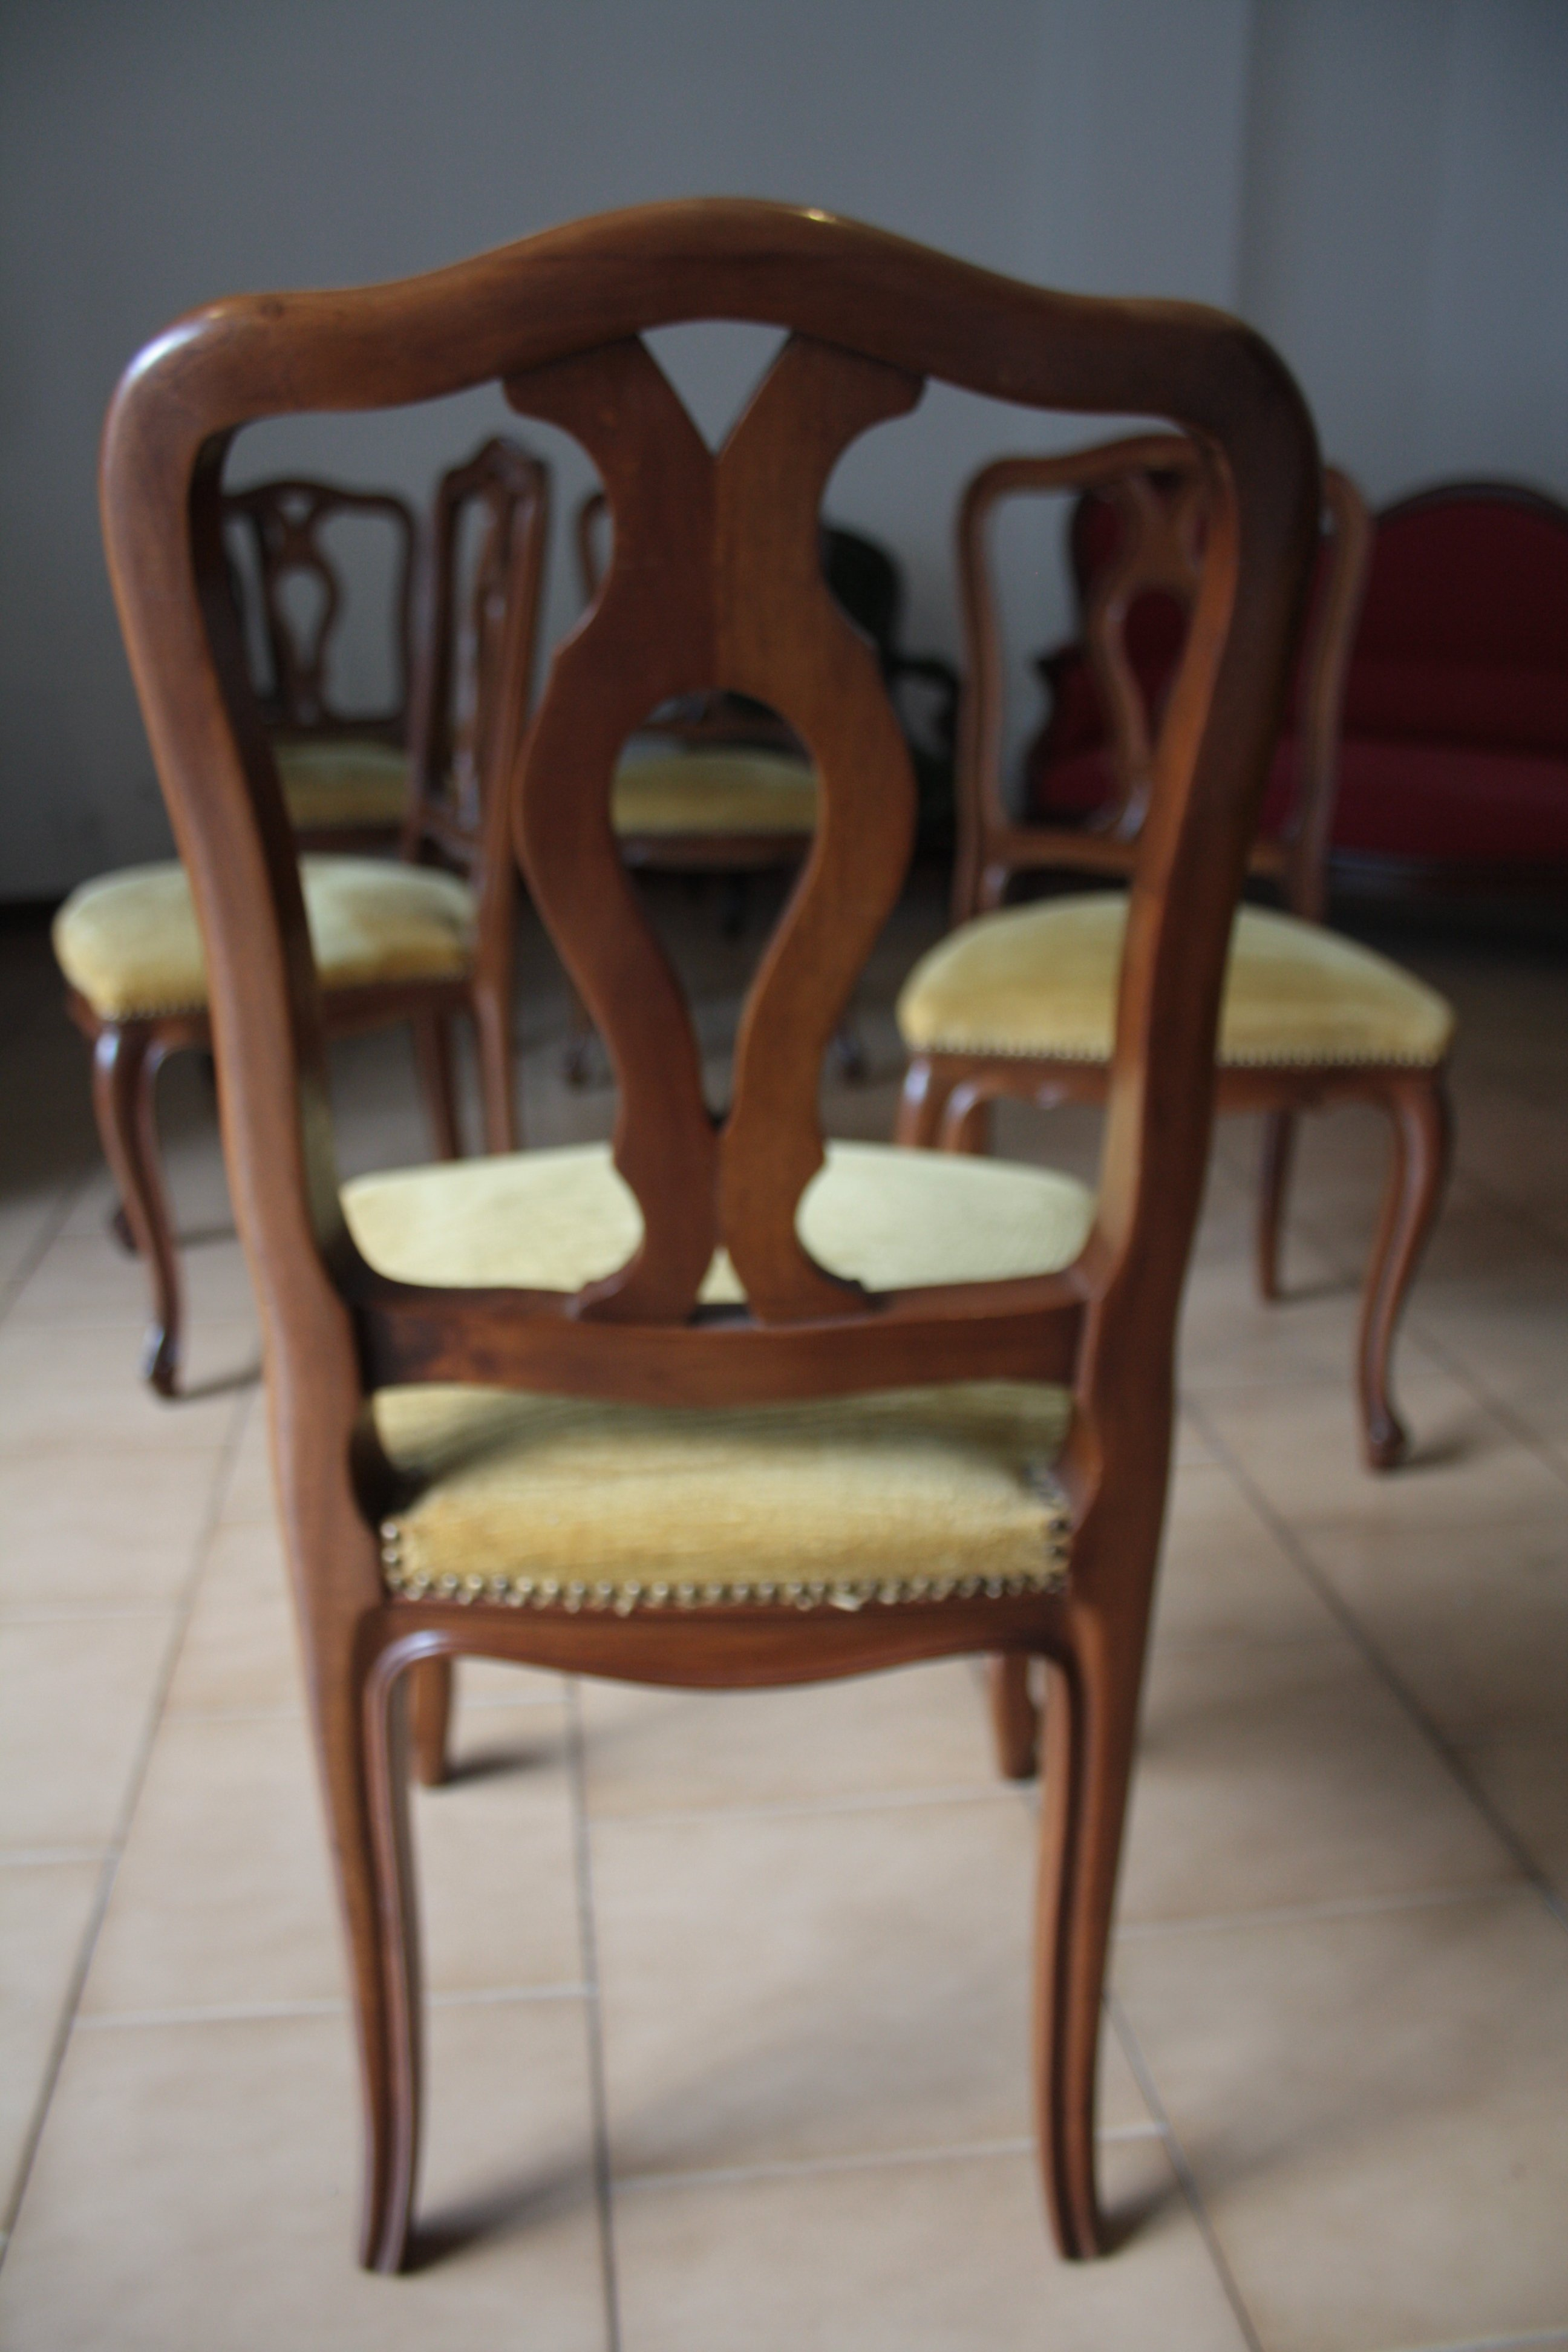 Seis sillas de madera de nogal